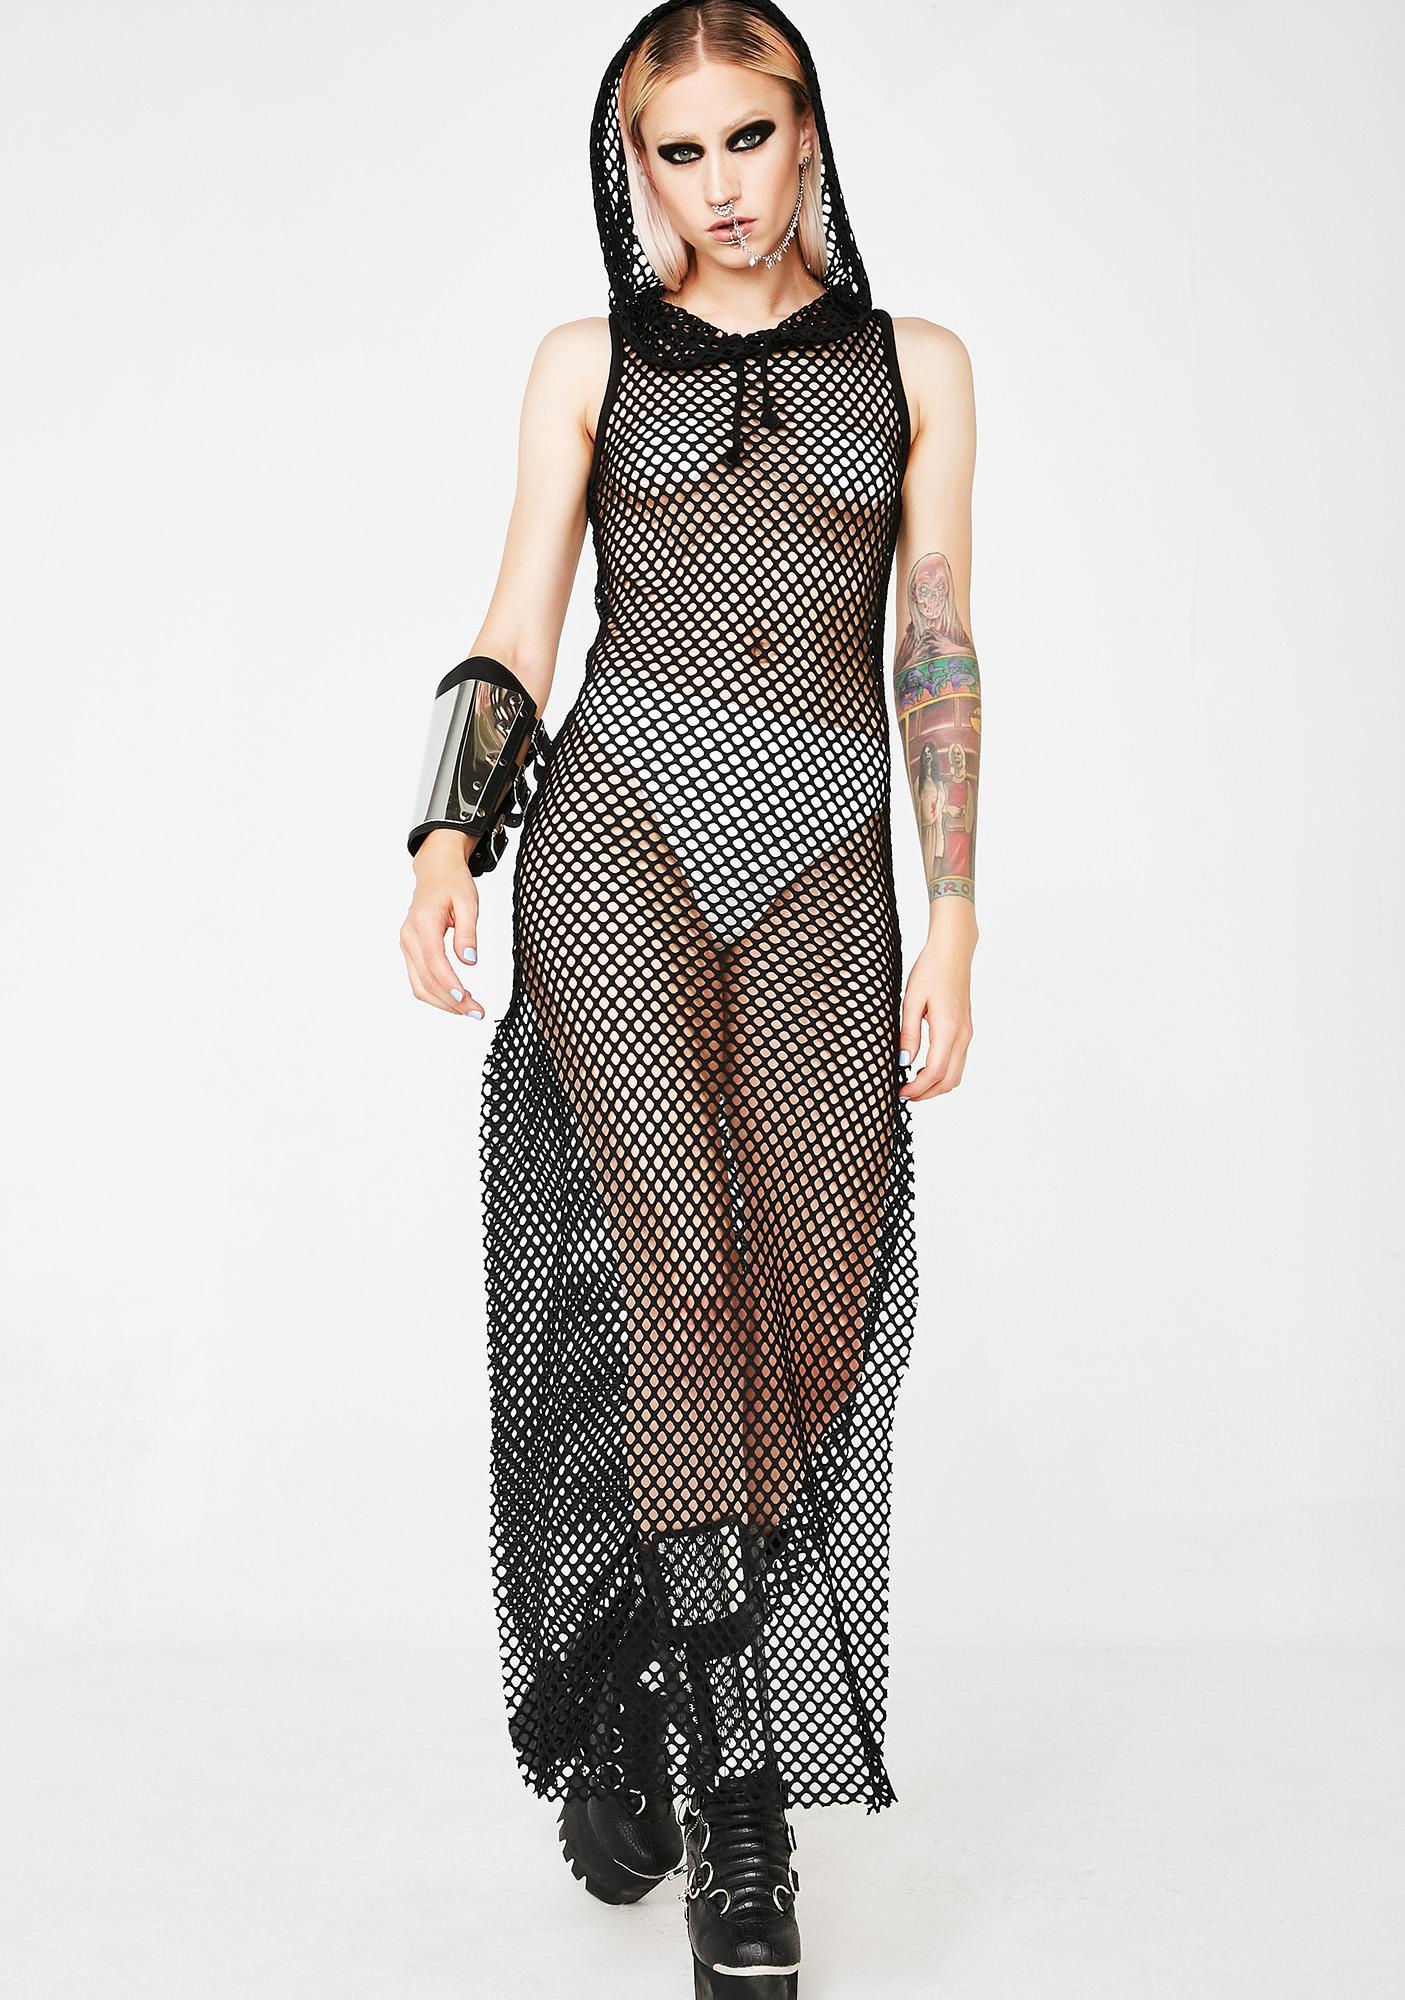 Club Exx Empress Furiosa Fishnet Dress